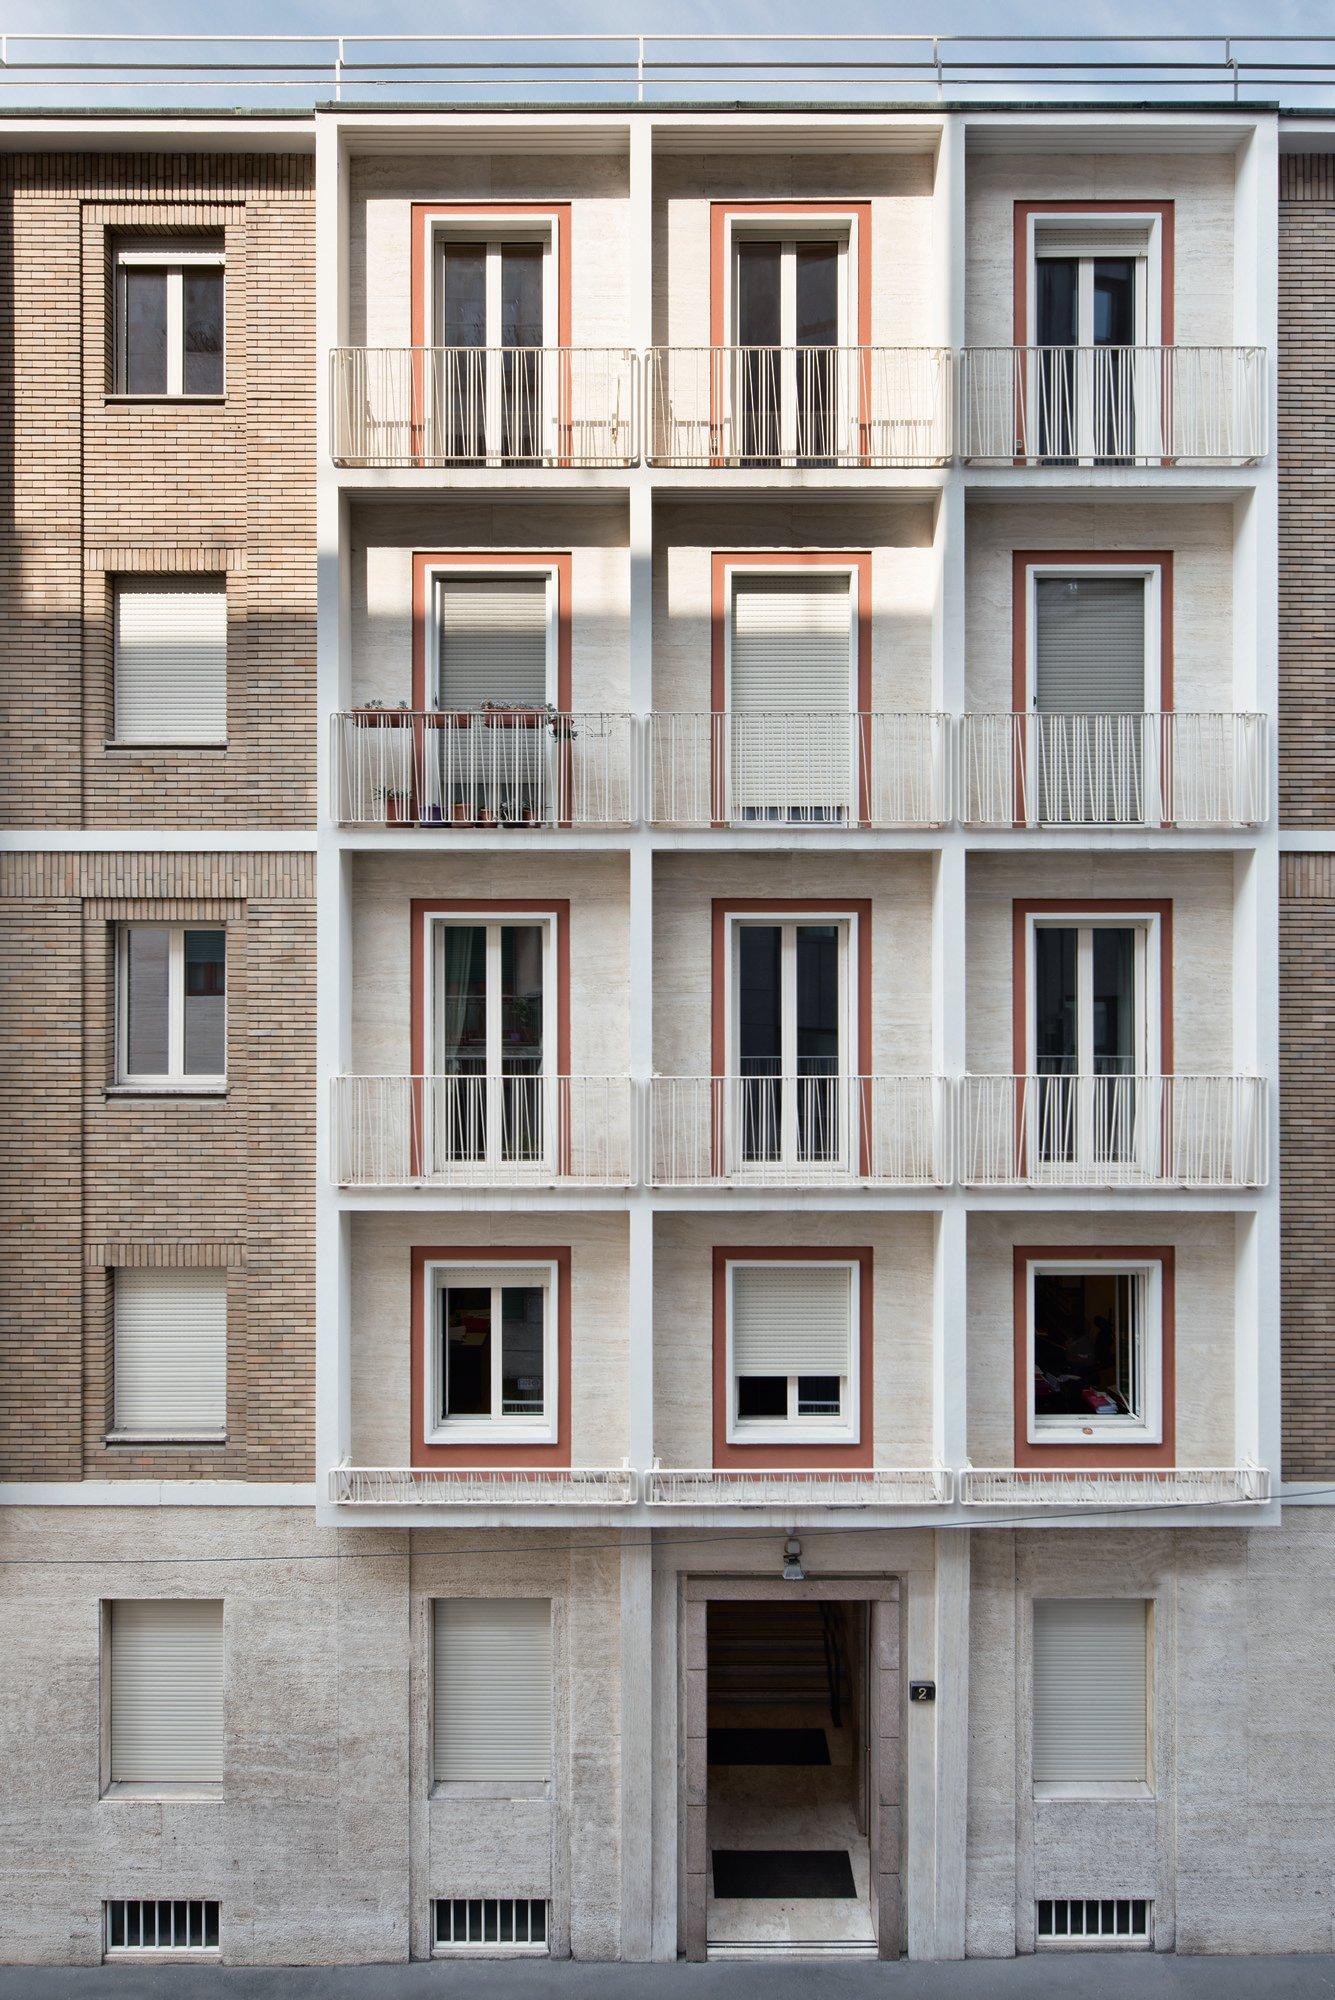 © Carola Merello Edifici per uffici in piazza Erculea / via San Senatore, Milano, 2018